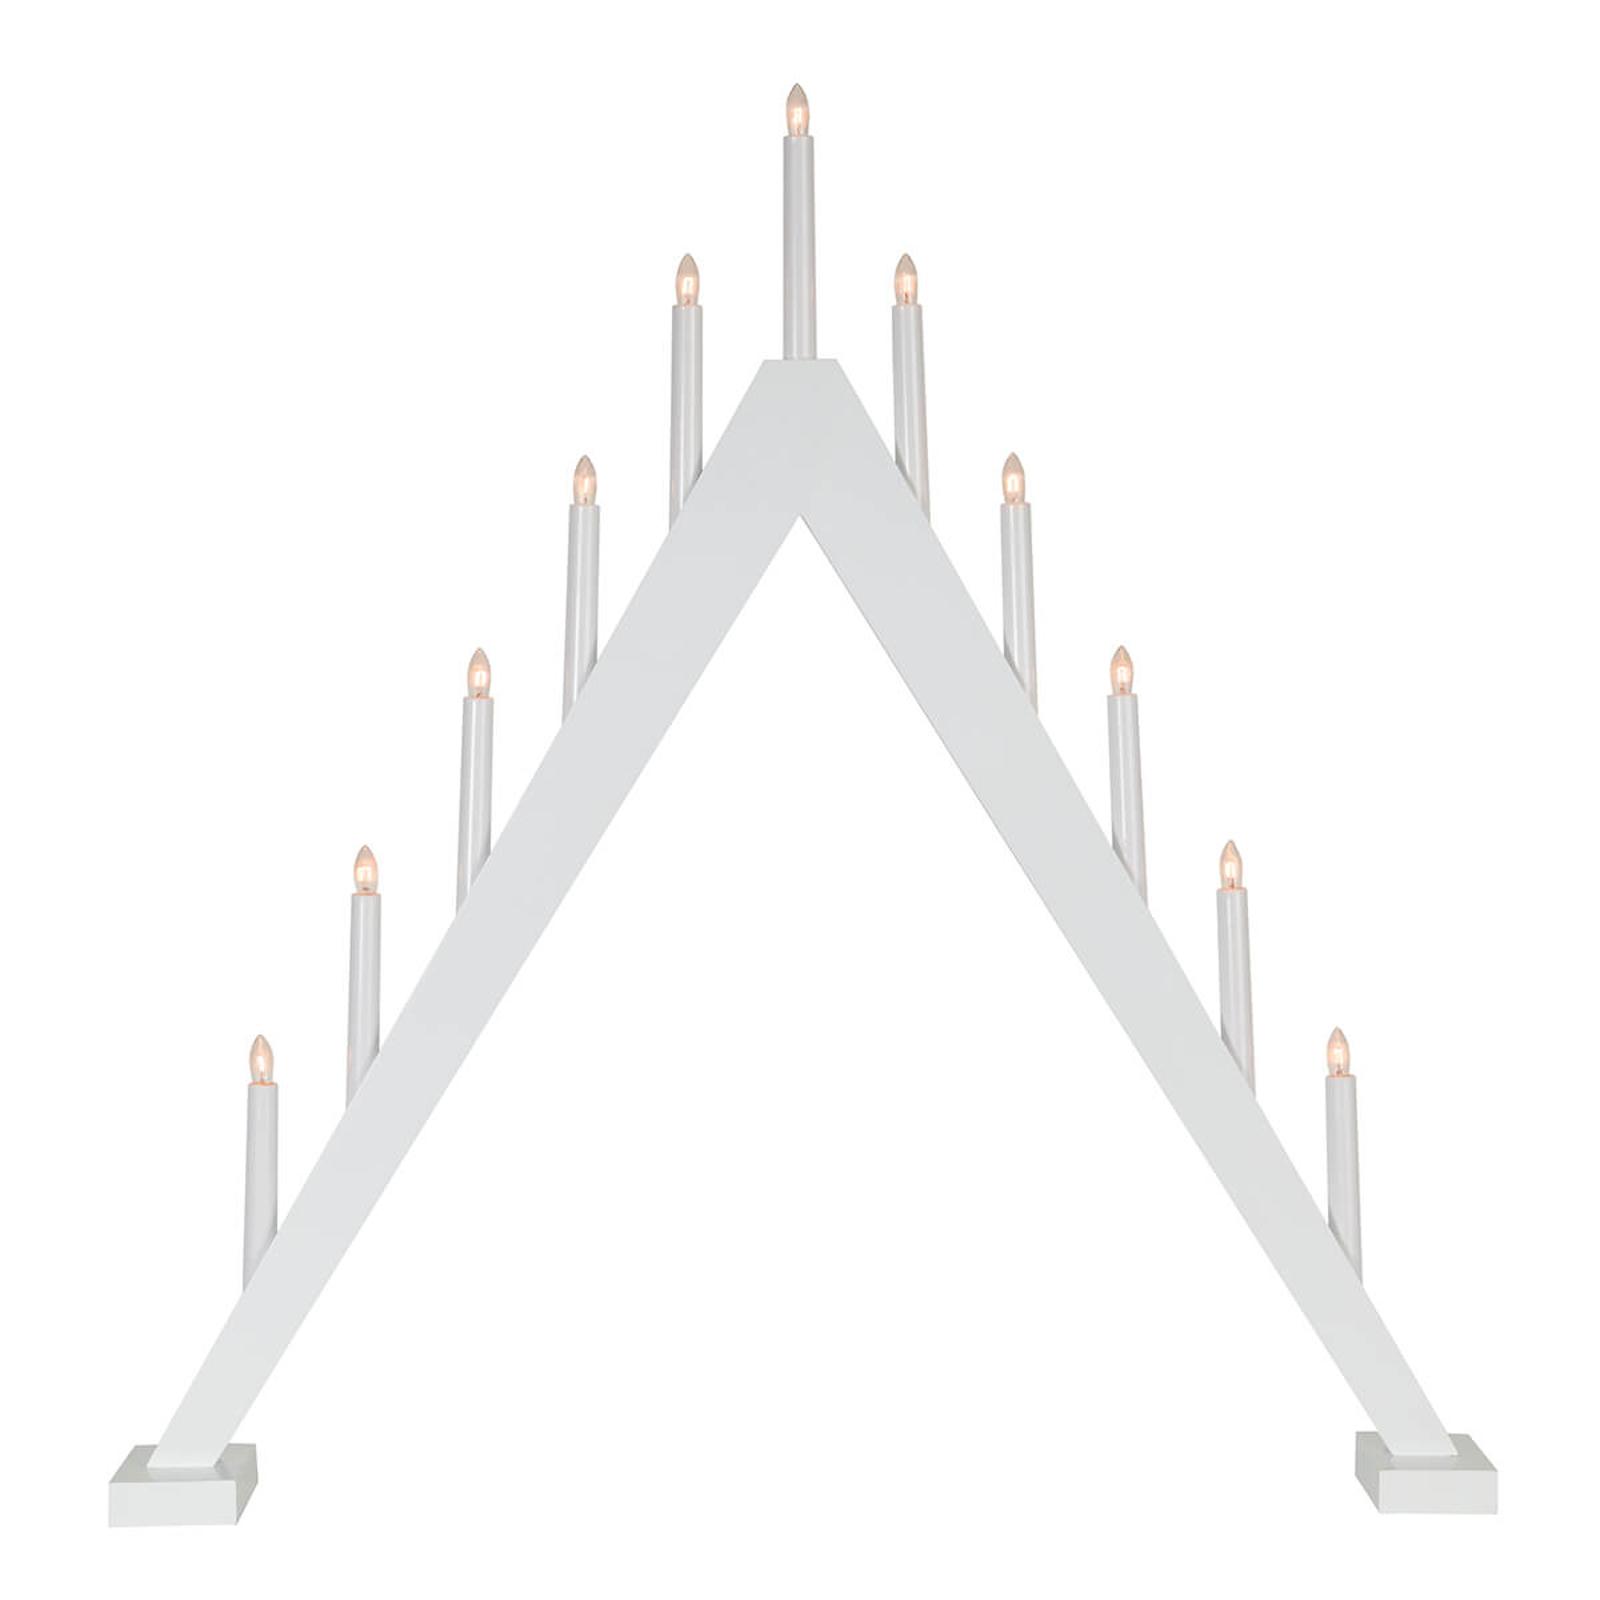 Enkelt utformet lysestake Trill 11 lys